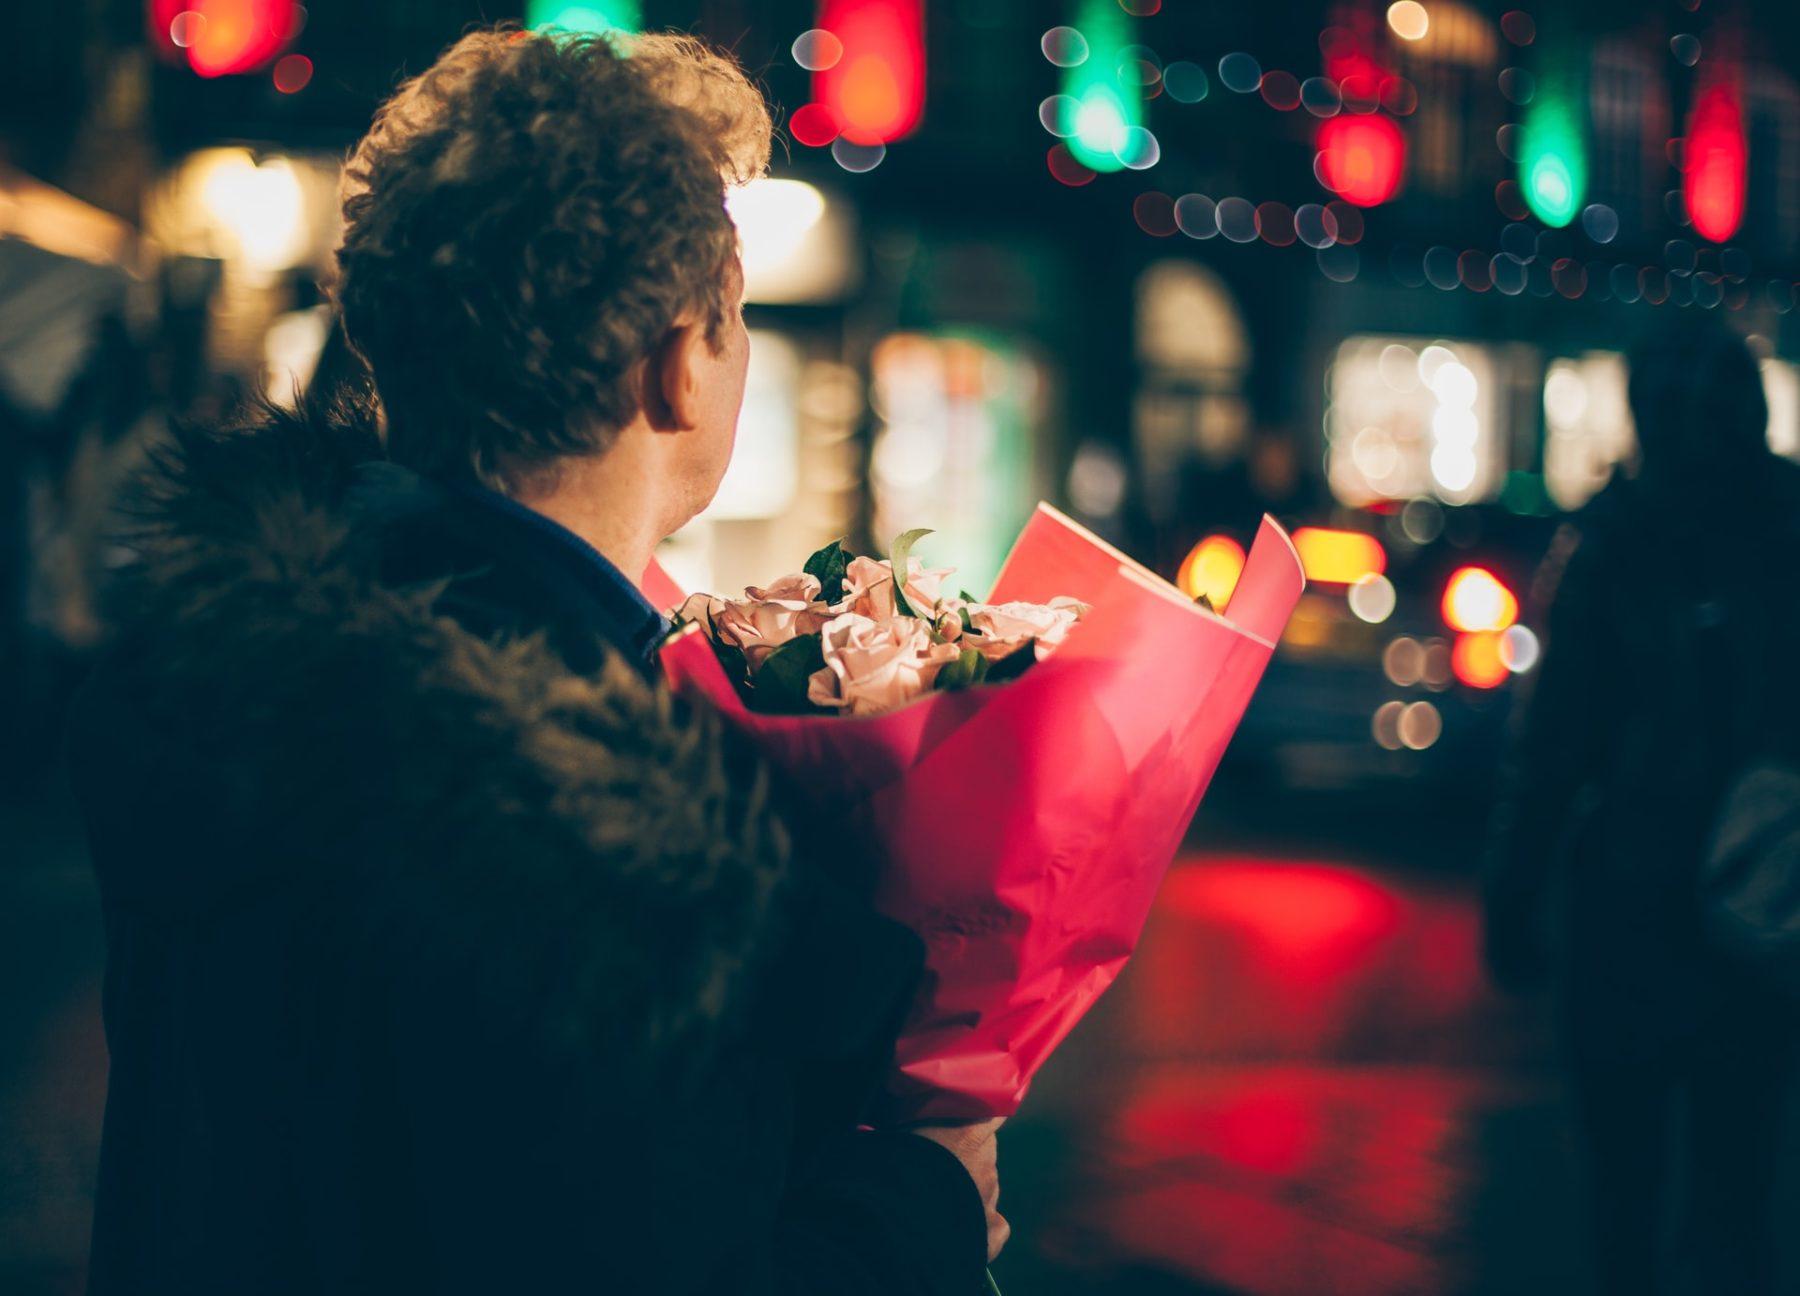 Quel cadeau de Saint-Valentin offrir? Notre sélection pour une soirée en couple parfaite!